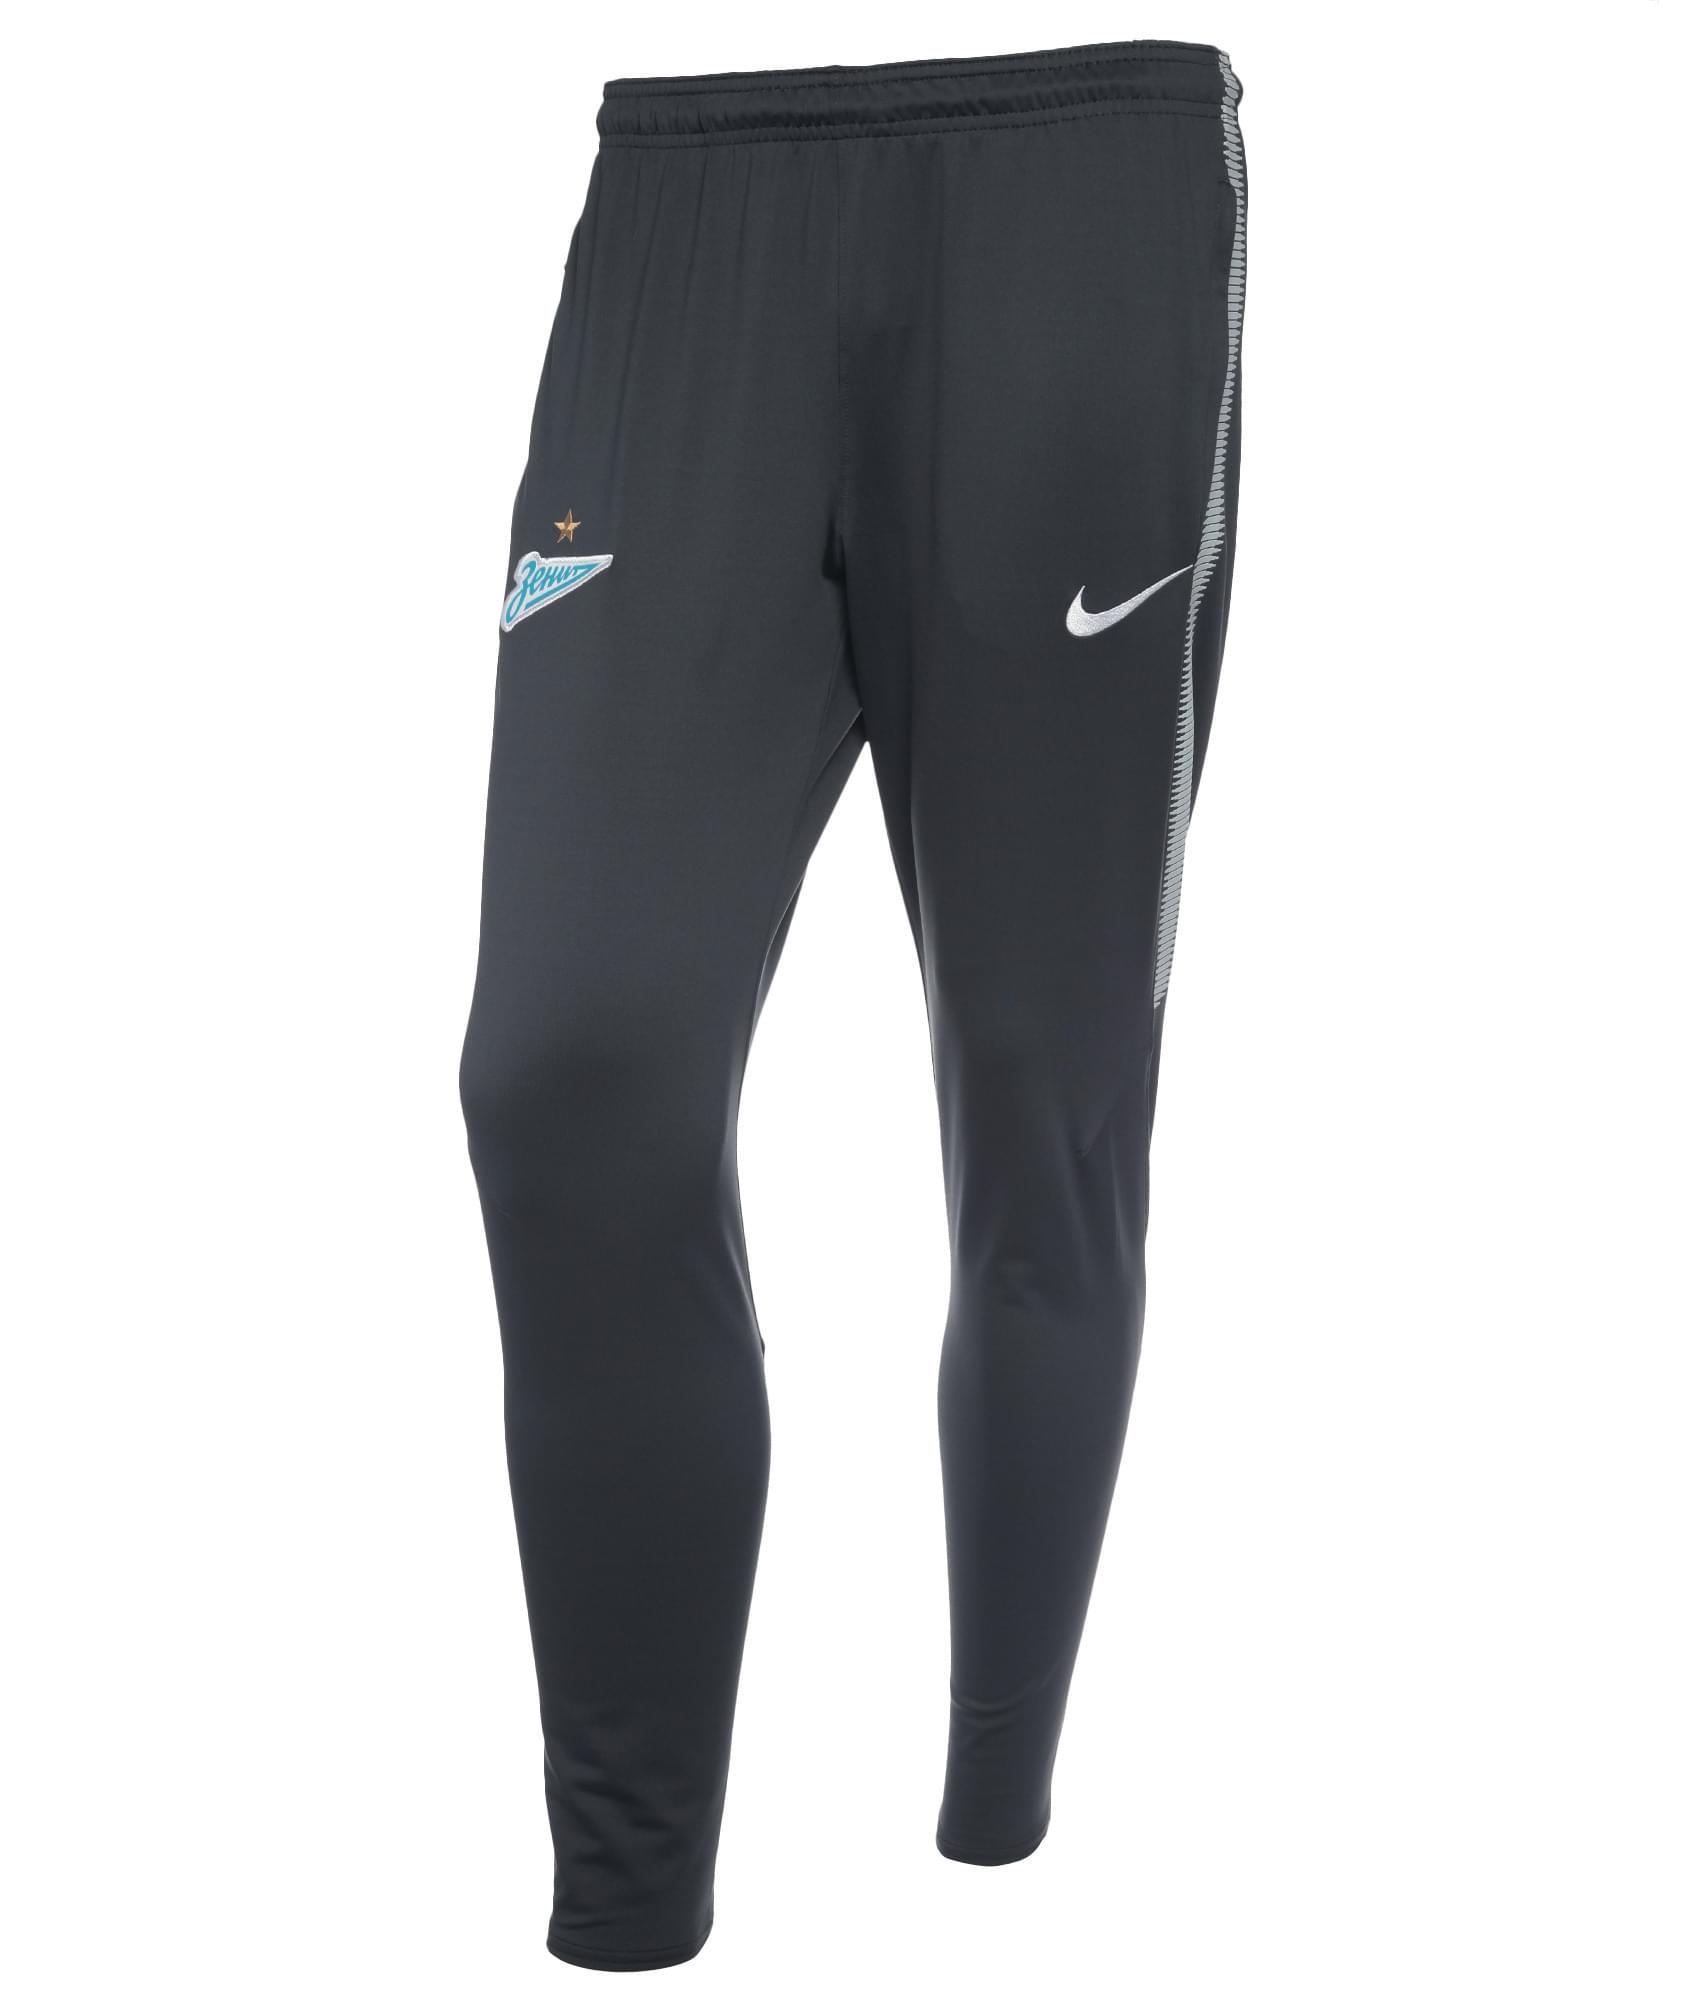 Брюки от костюма Nike, Размер-M брюки д костюма puma spirit 65363703 m чёрный